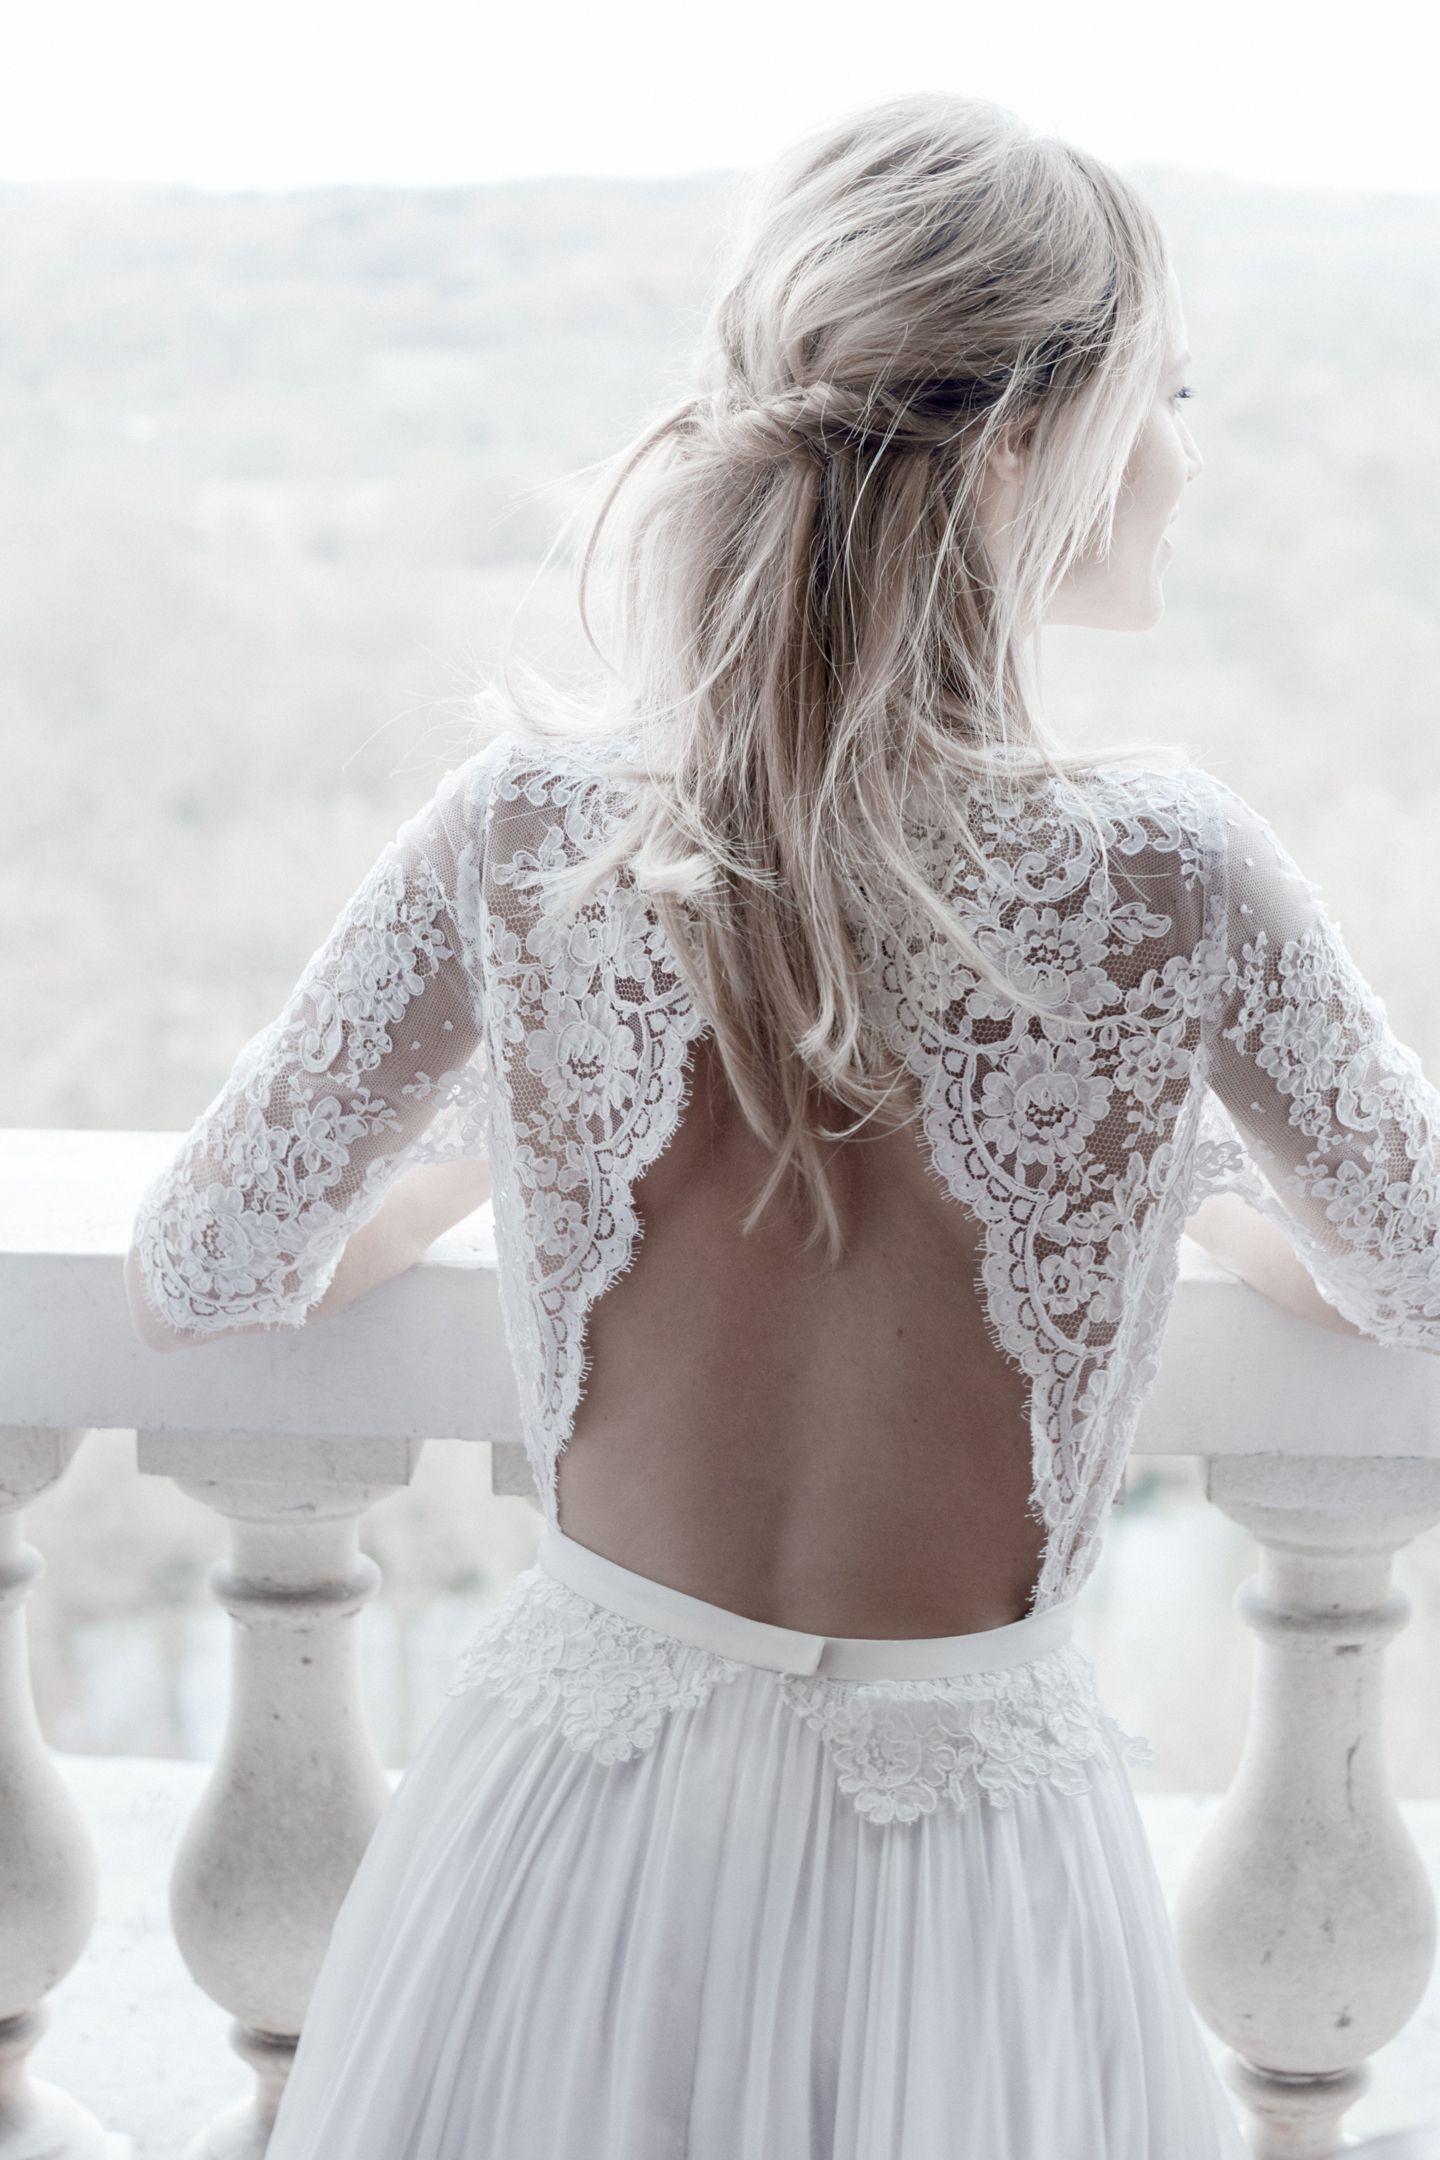 DAS sind die schönsten rückenfreien Brautkleider 2018! | Wedding ...